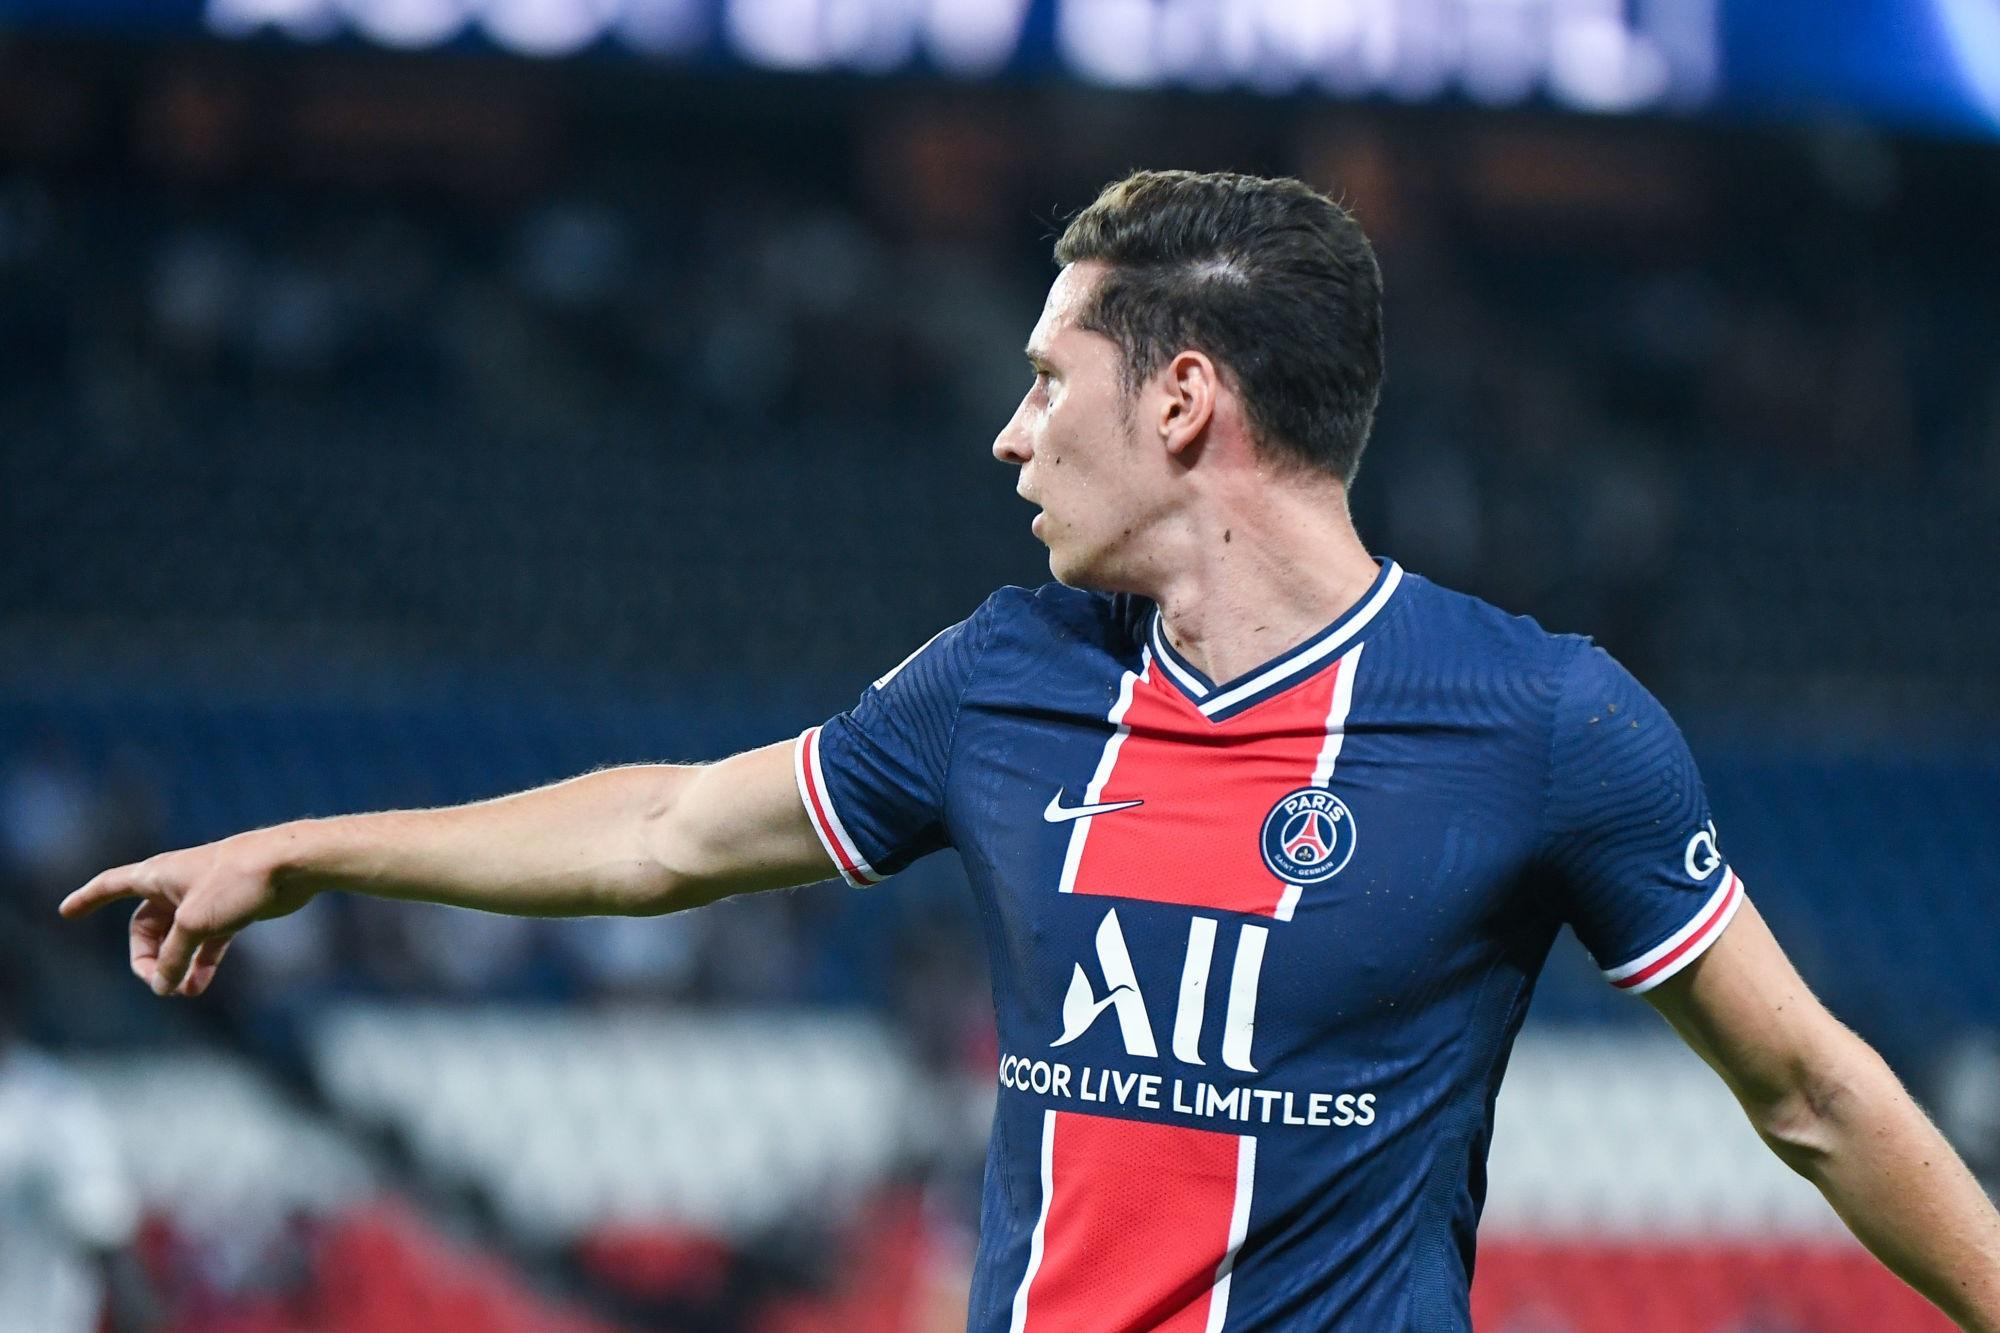 Mercato - Draxler va prolonger au PSG malgré l'intérêt du Bayern, confirme Sport 1